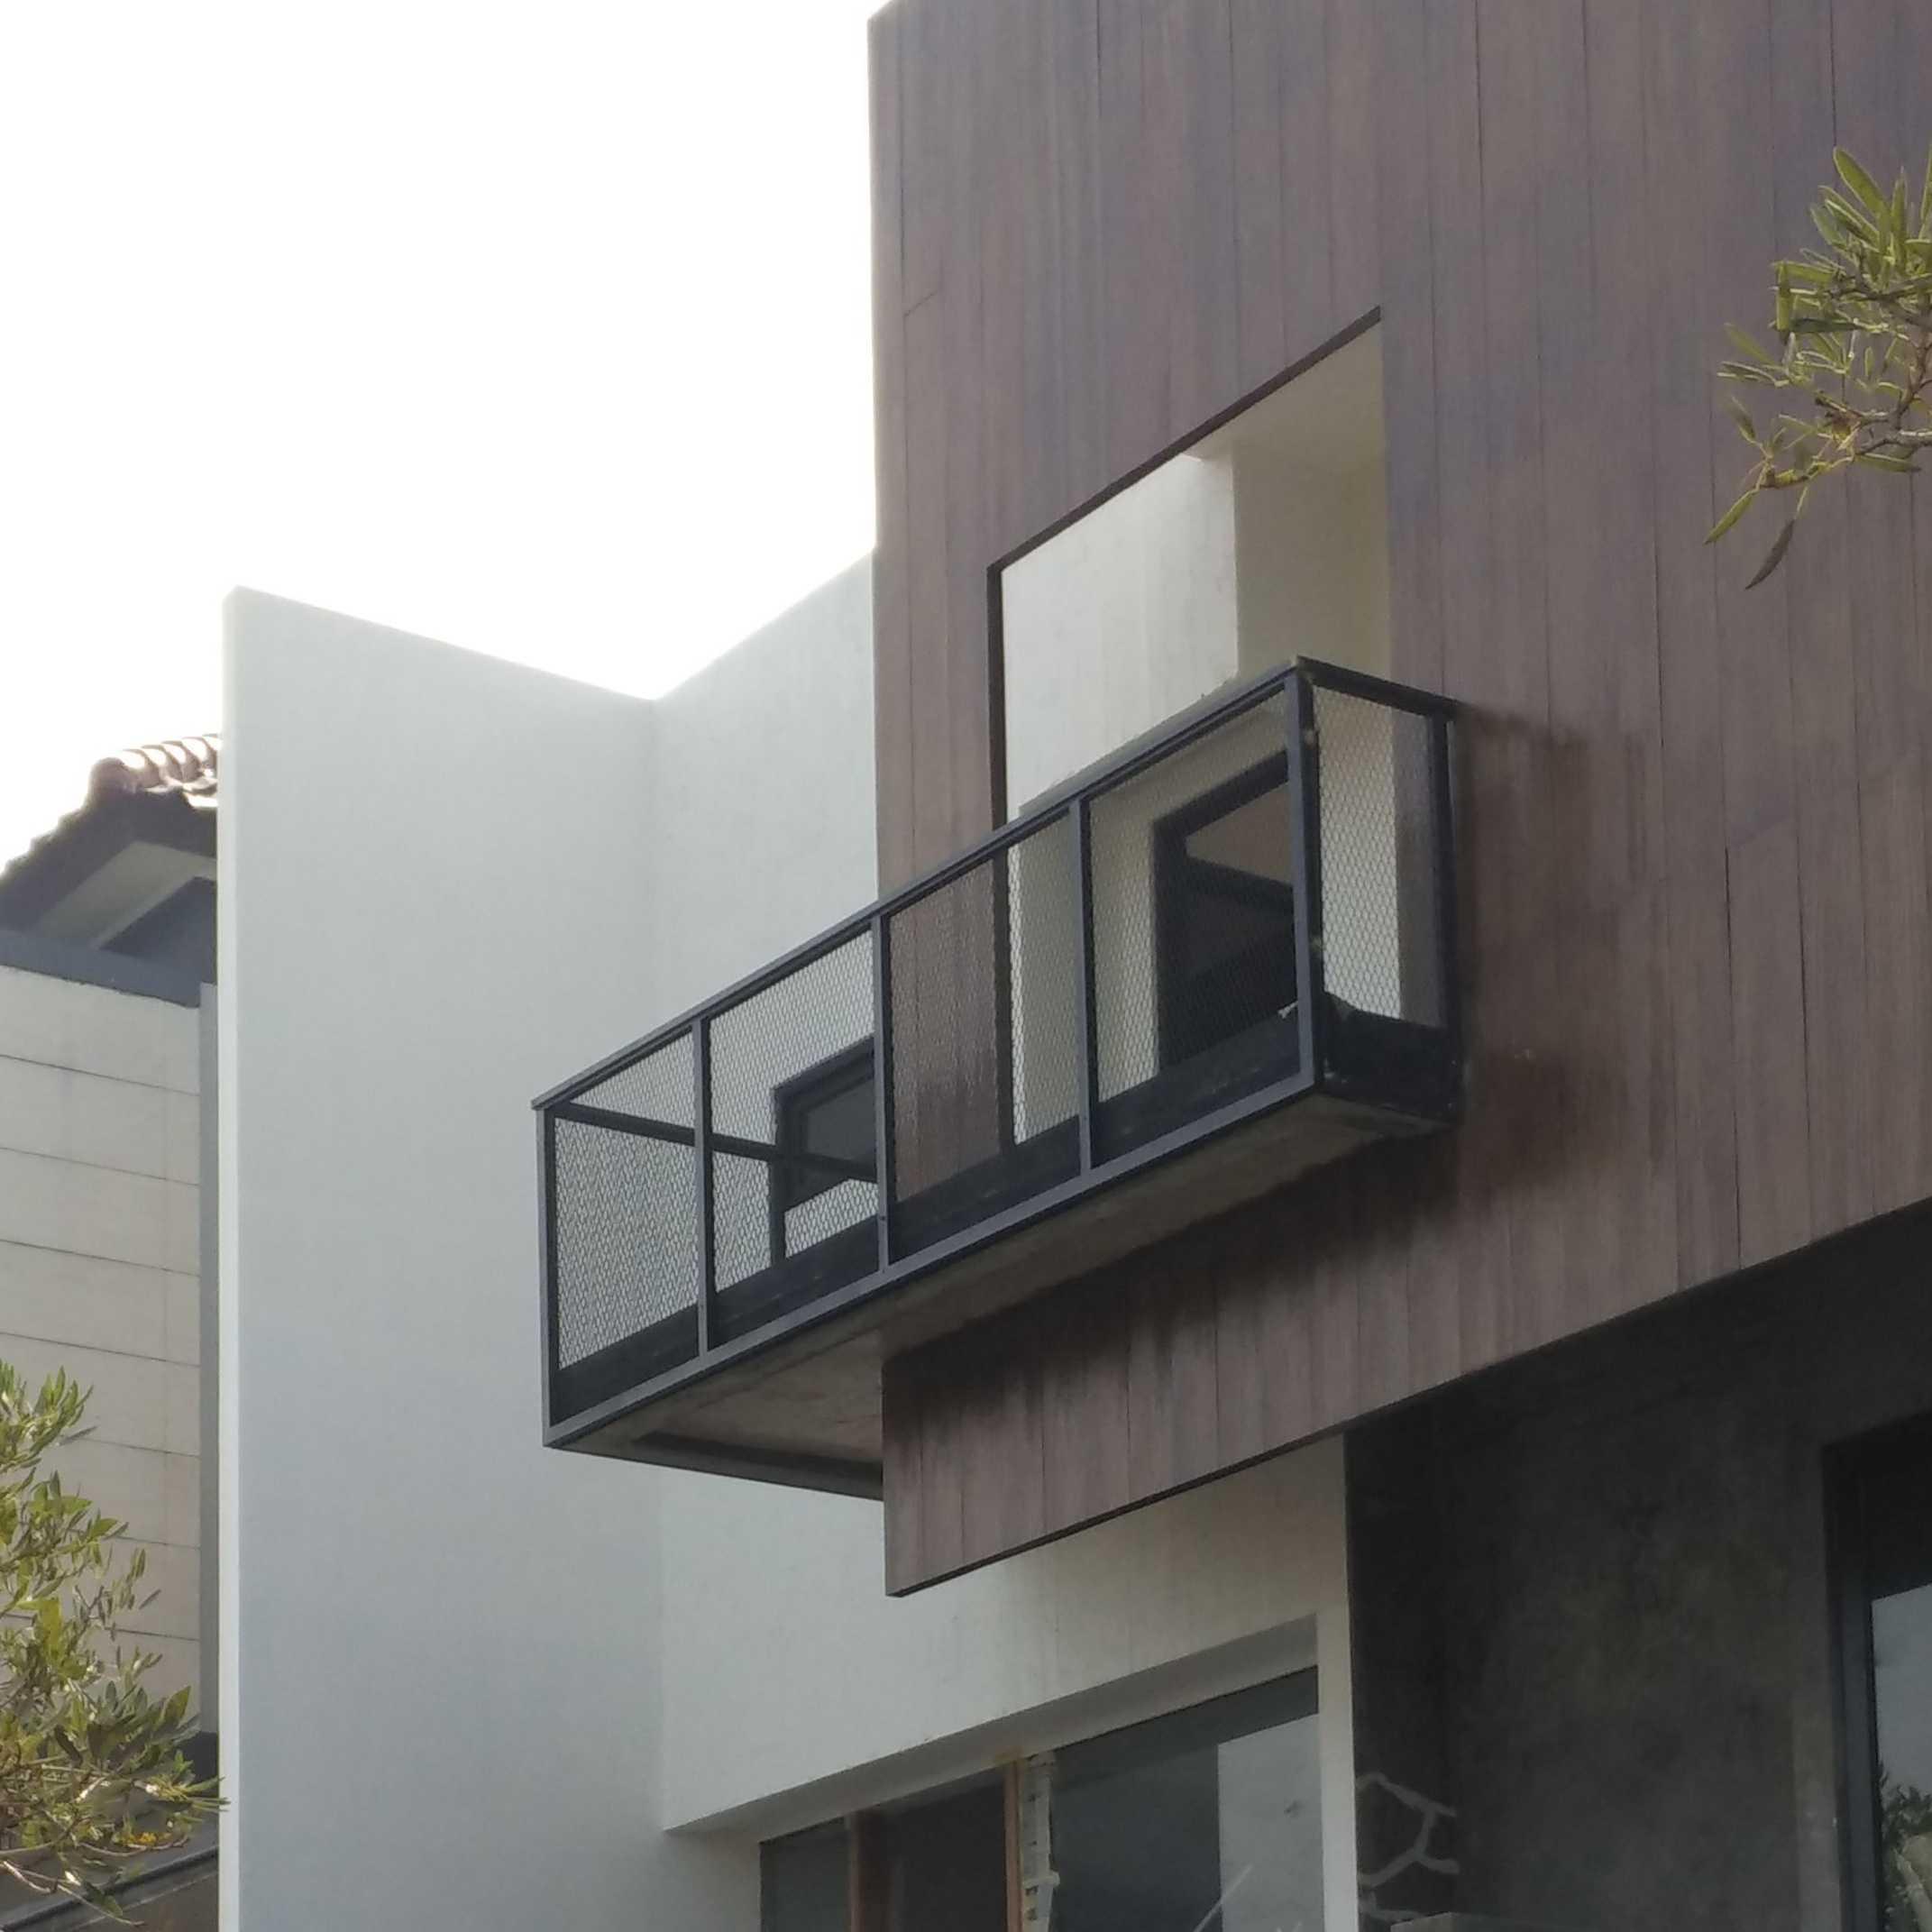 Ads Architect Cigadung House Cigadung, Cibeunying Kaler, Kota Bandung, Jawa Barat, Indonesia Cigadung, Cibeunying Kaler, Kota Bandung, Jawa Barat, Indonesia Ads-Architect-Cigadung-House  53533